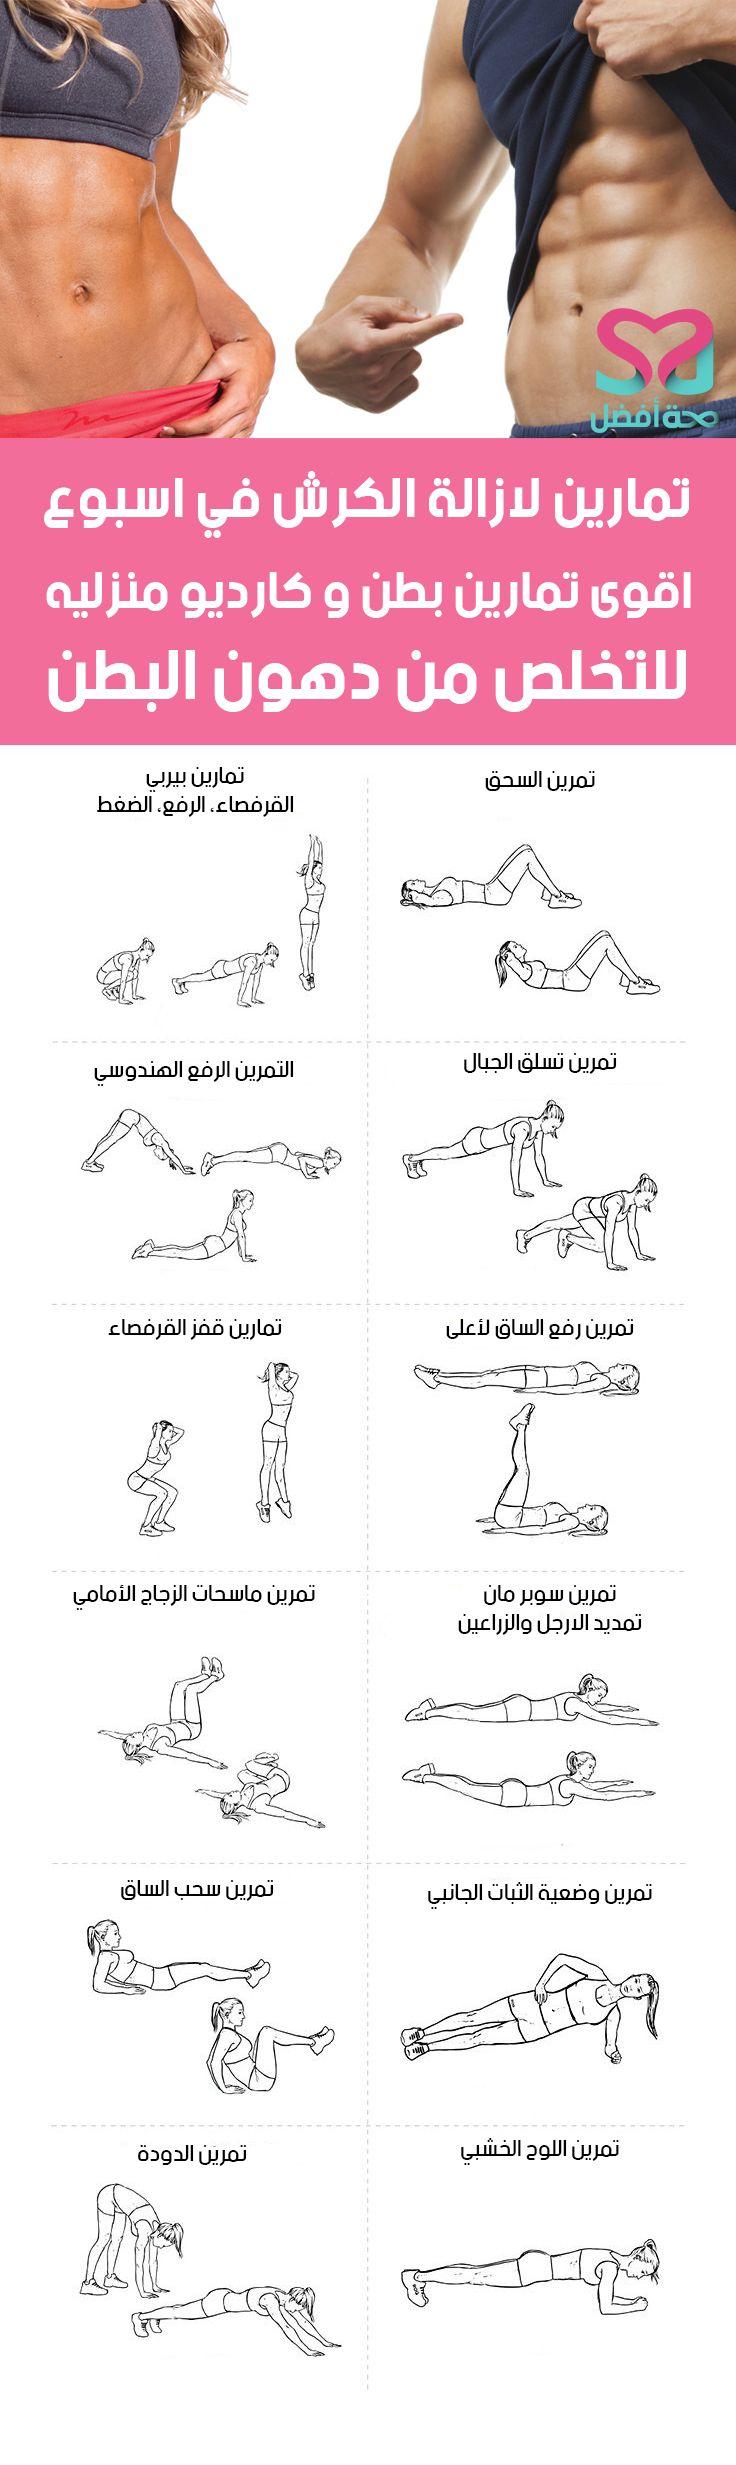 تمارين لازالة الكرش في اسبوع للرجال والنساء بالصور Weight